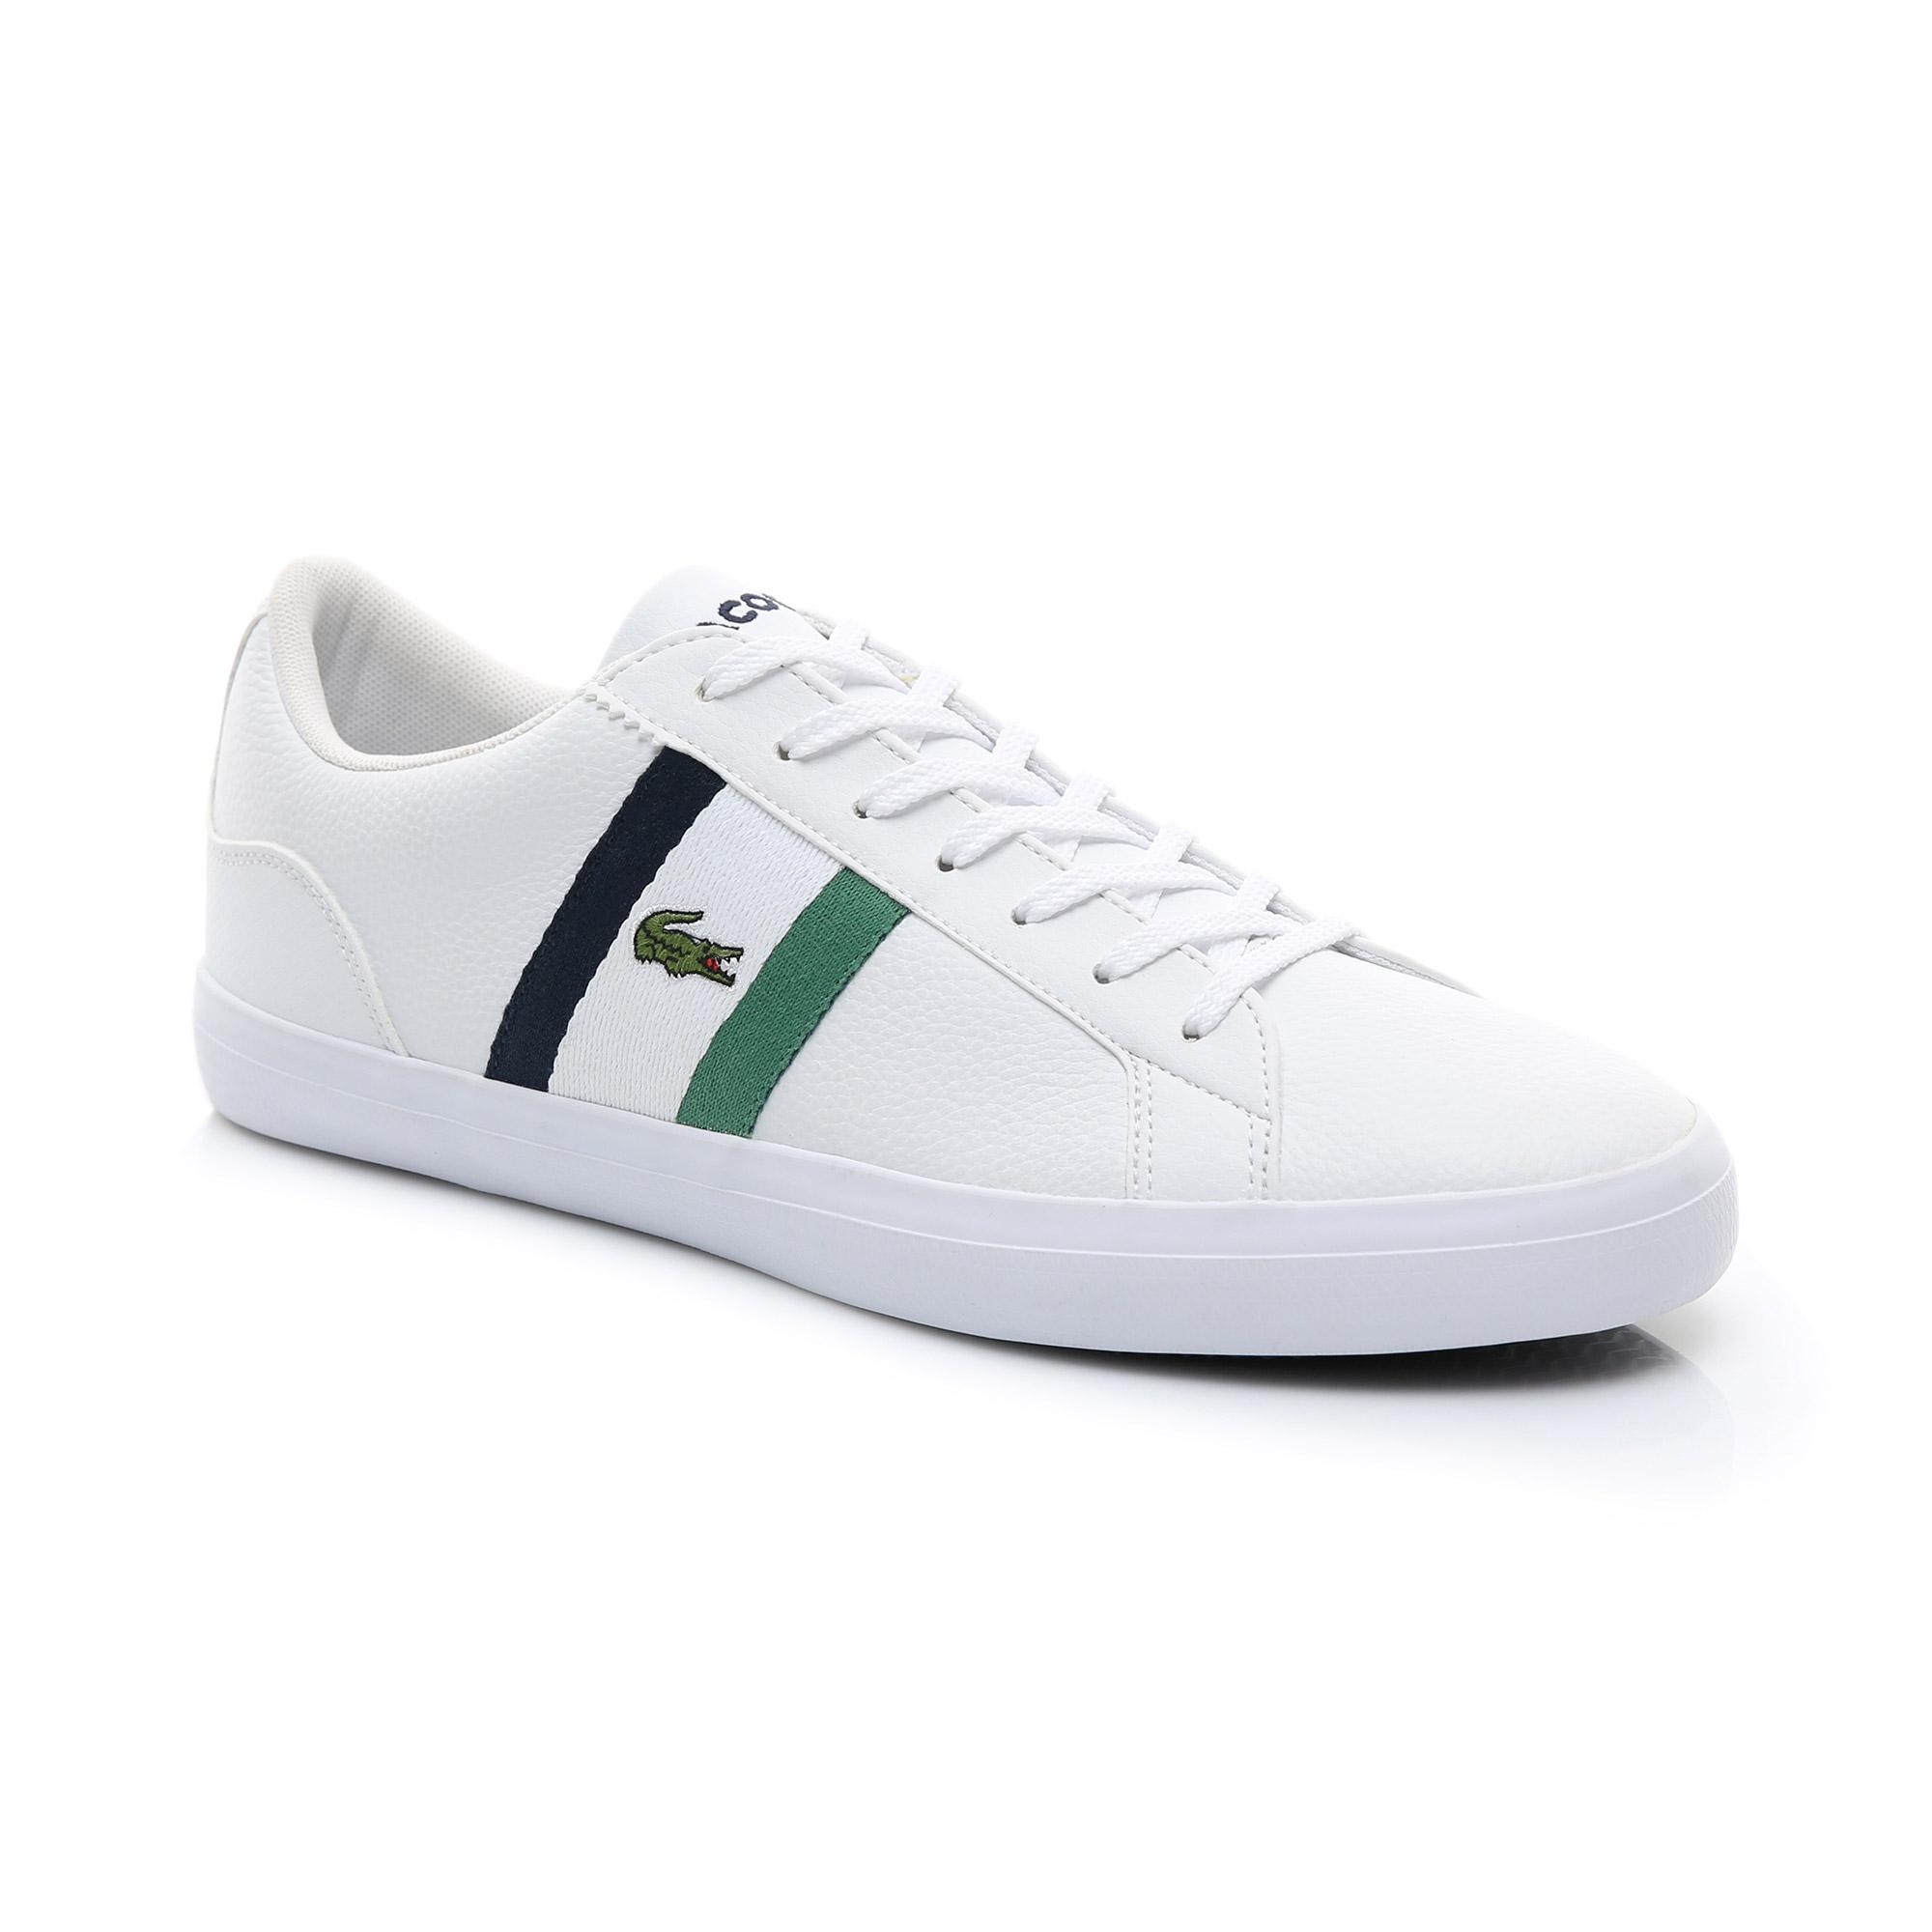 Lacoste Men's Lerond 119 3 Sneaker Shoes